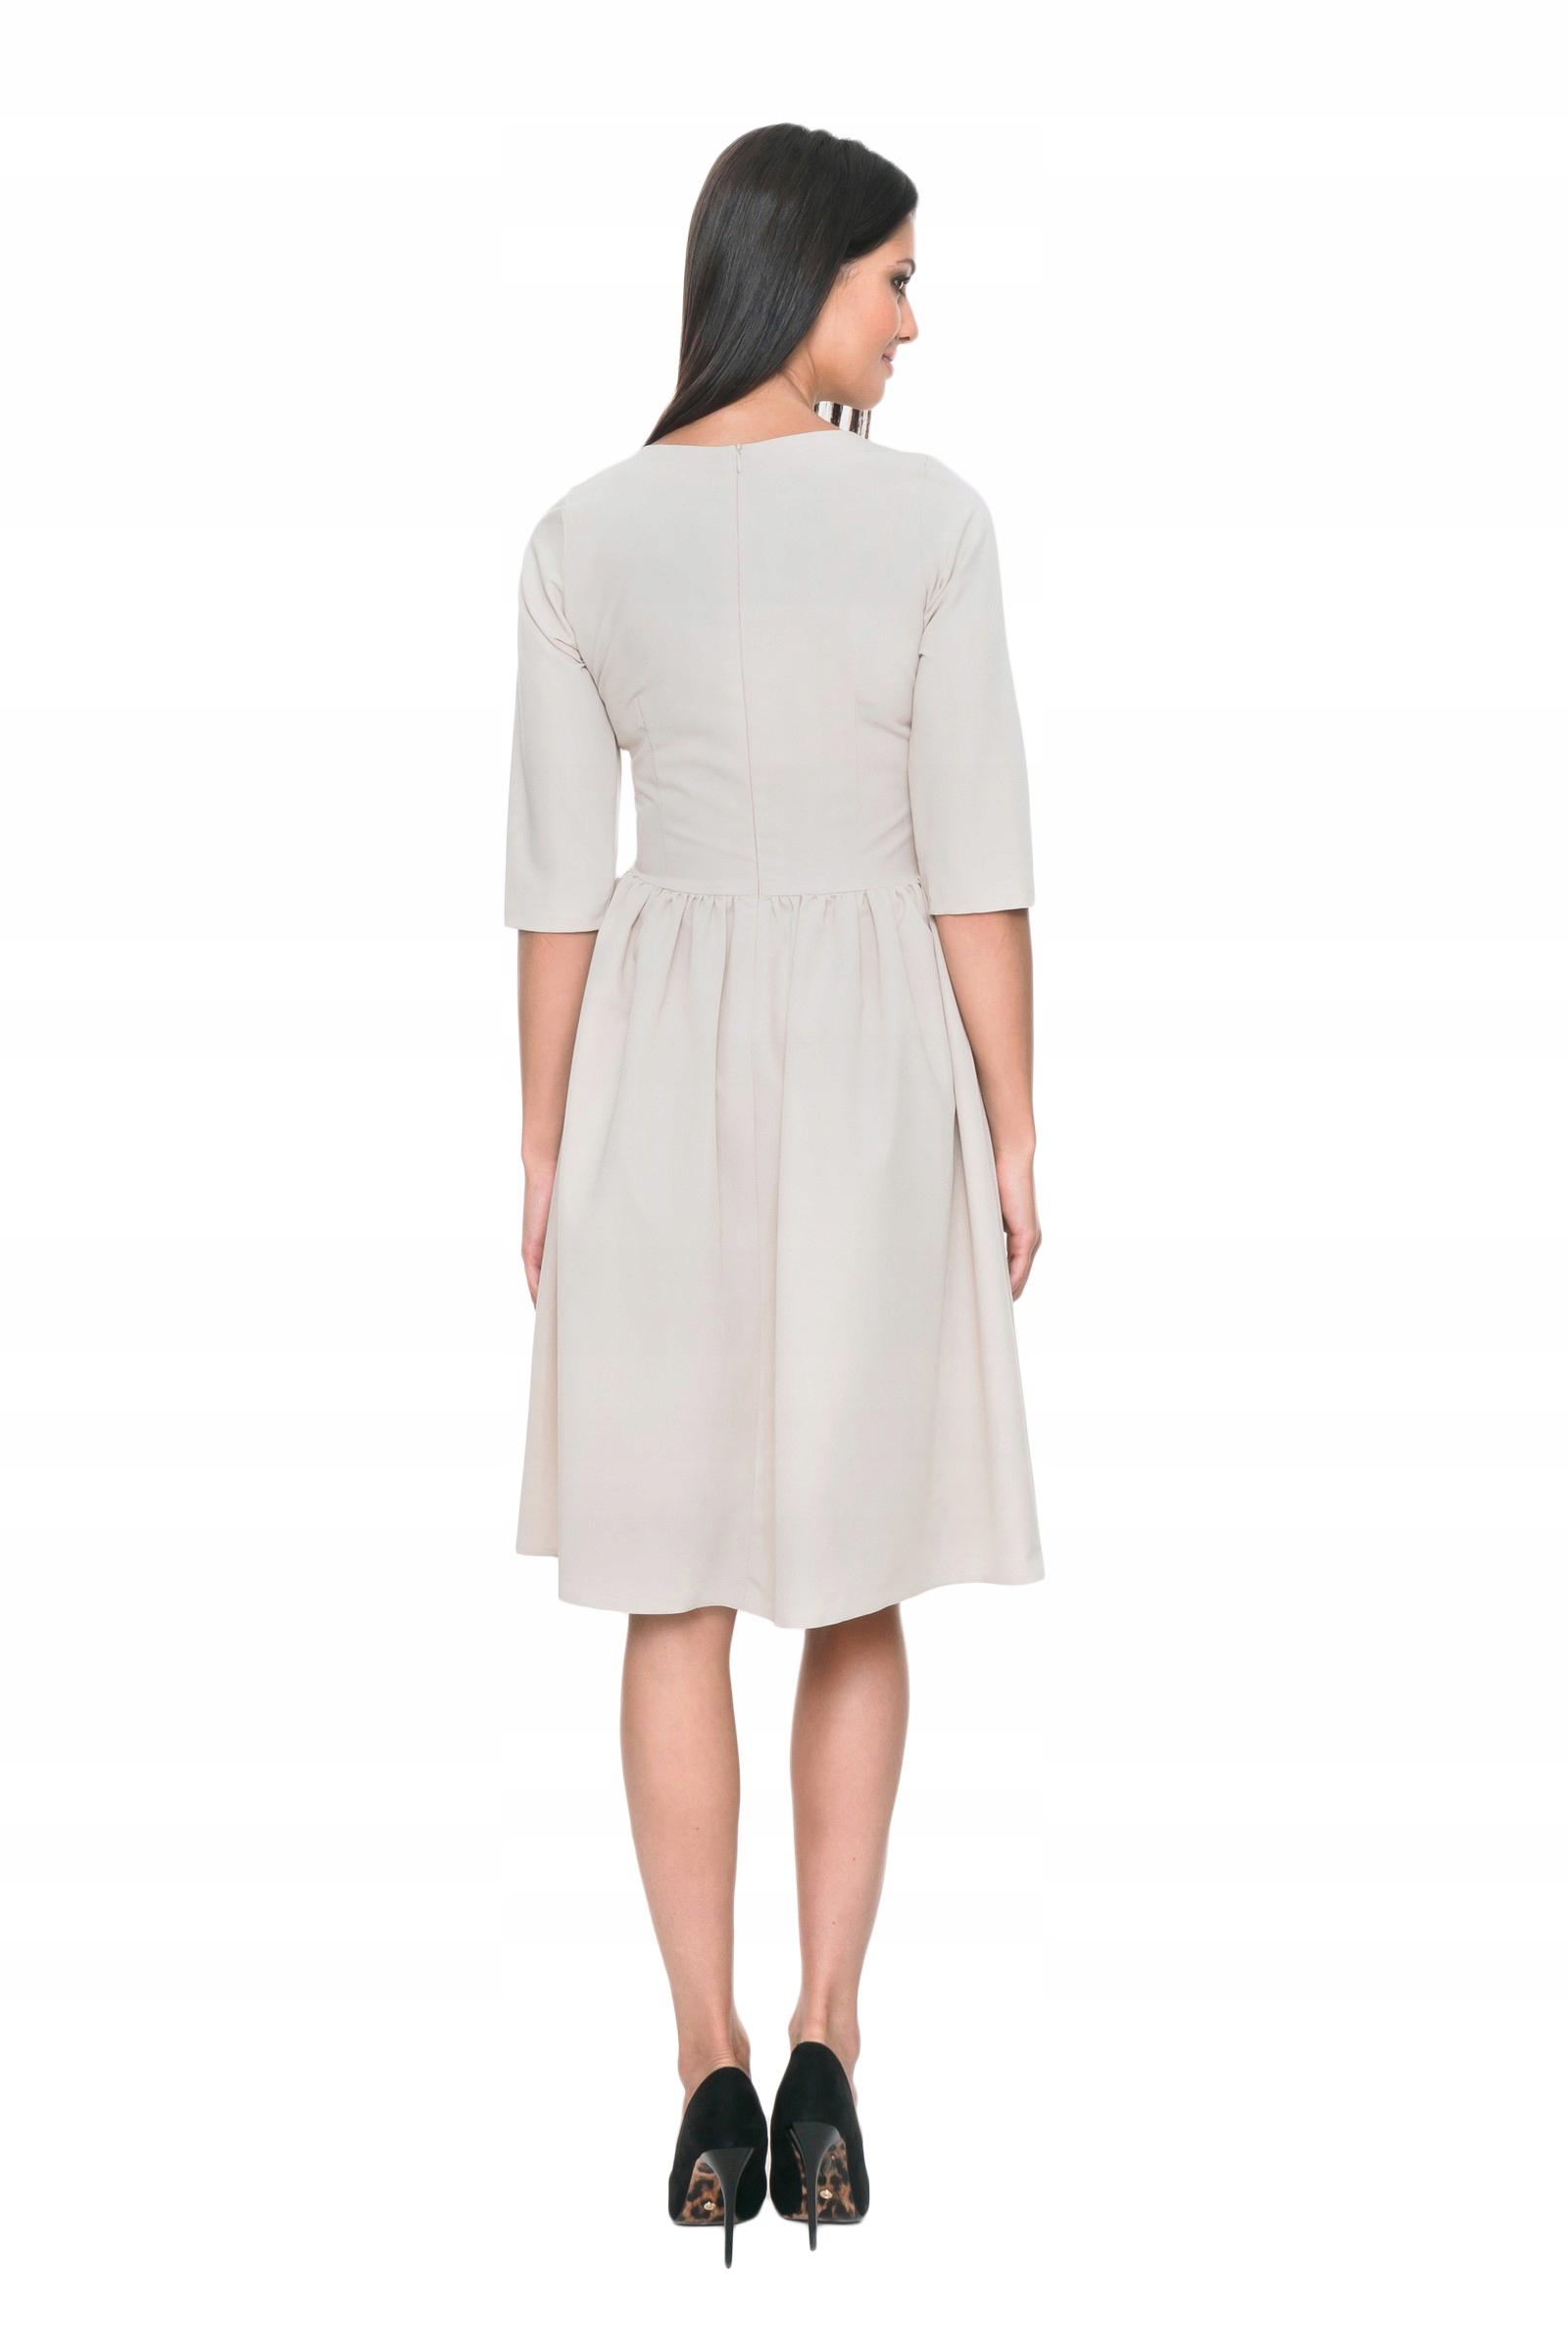 72ab1af729 Sukienka rozkloszowana MOSALI beżowy r.M - 7594369272 - oficjalne ...